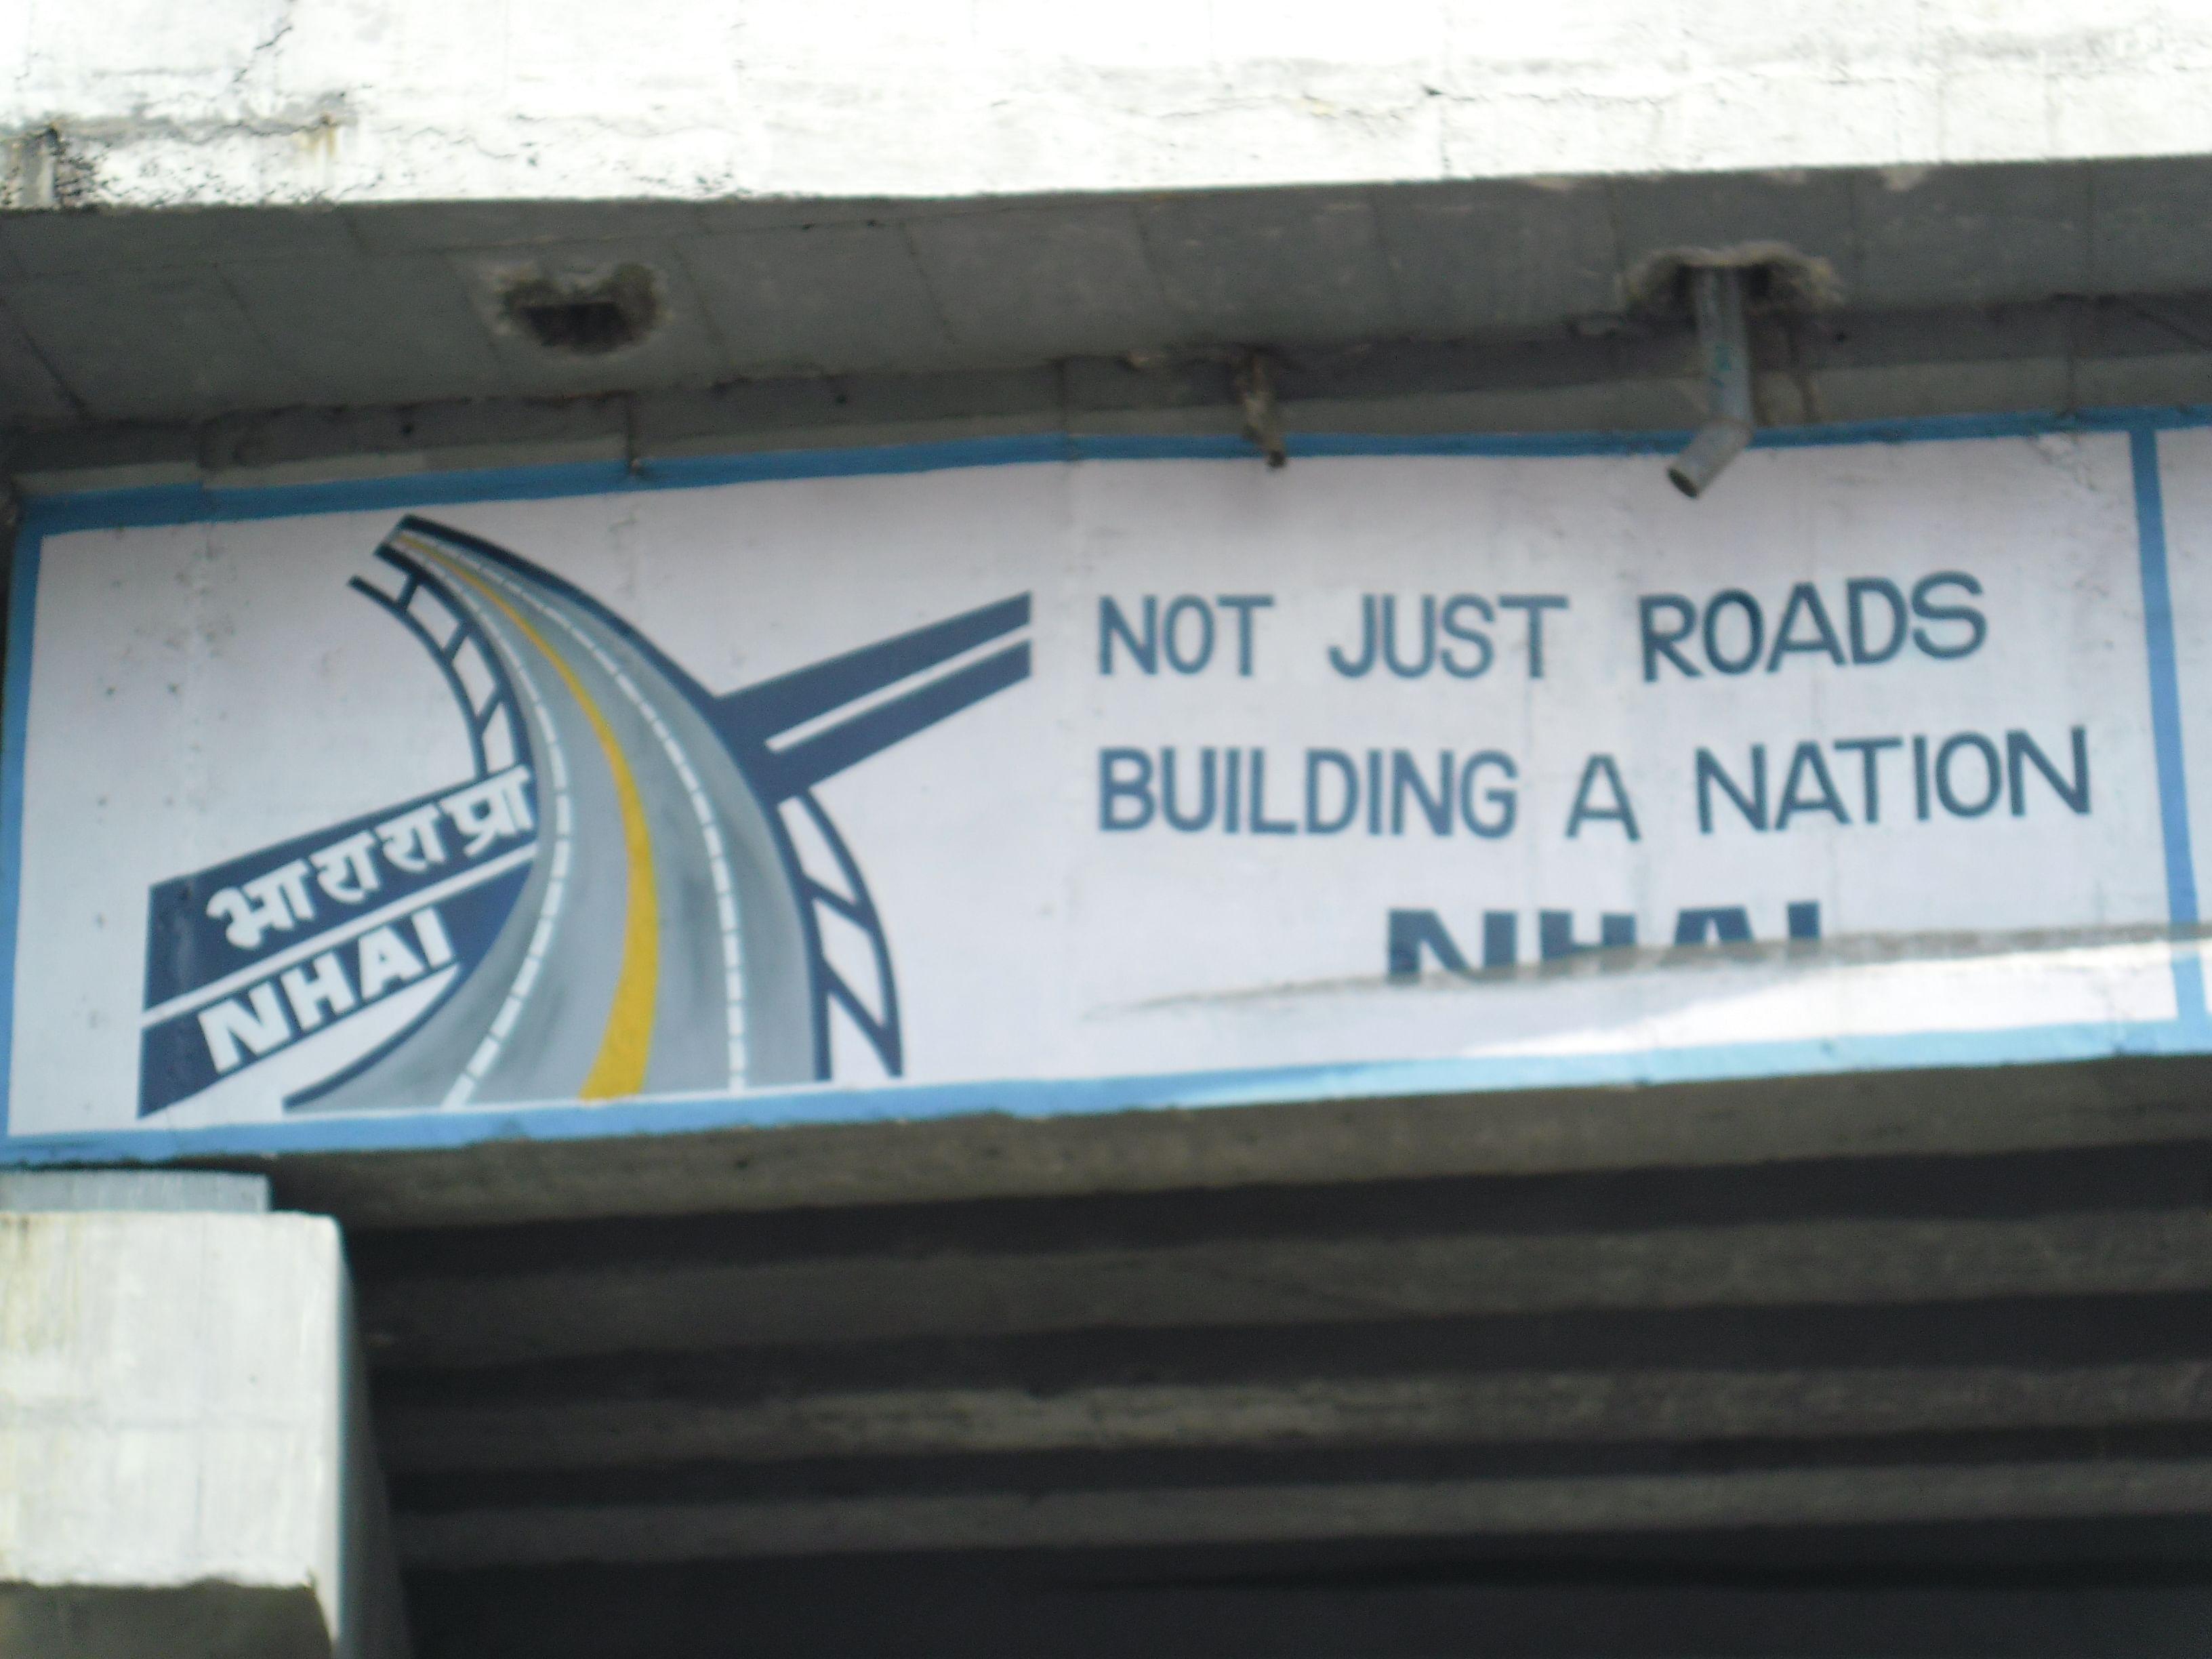 National_highways_India